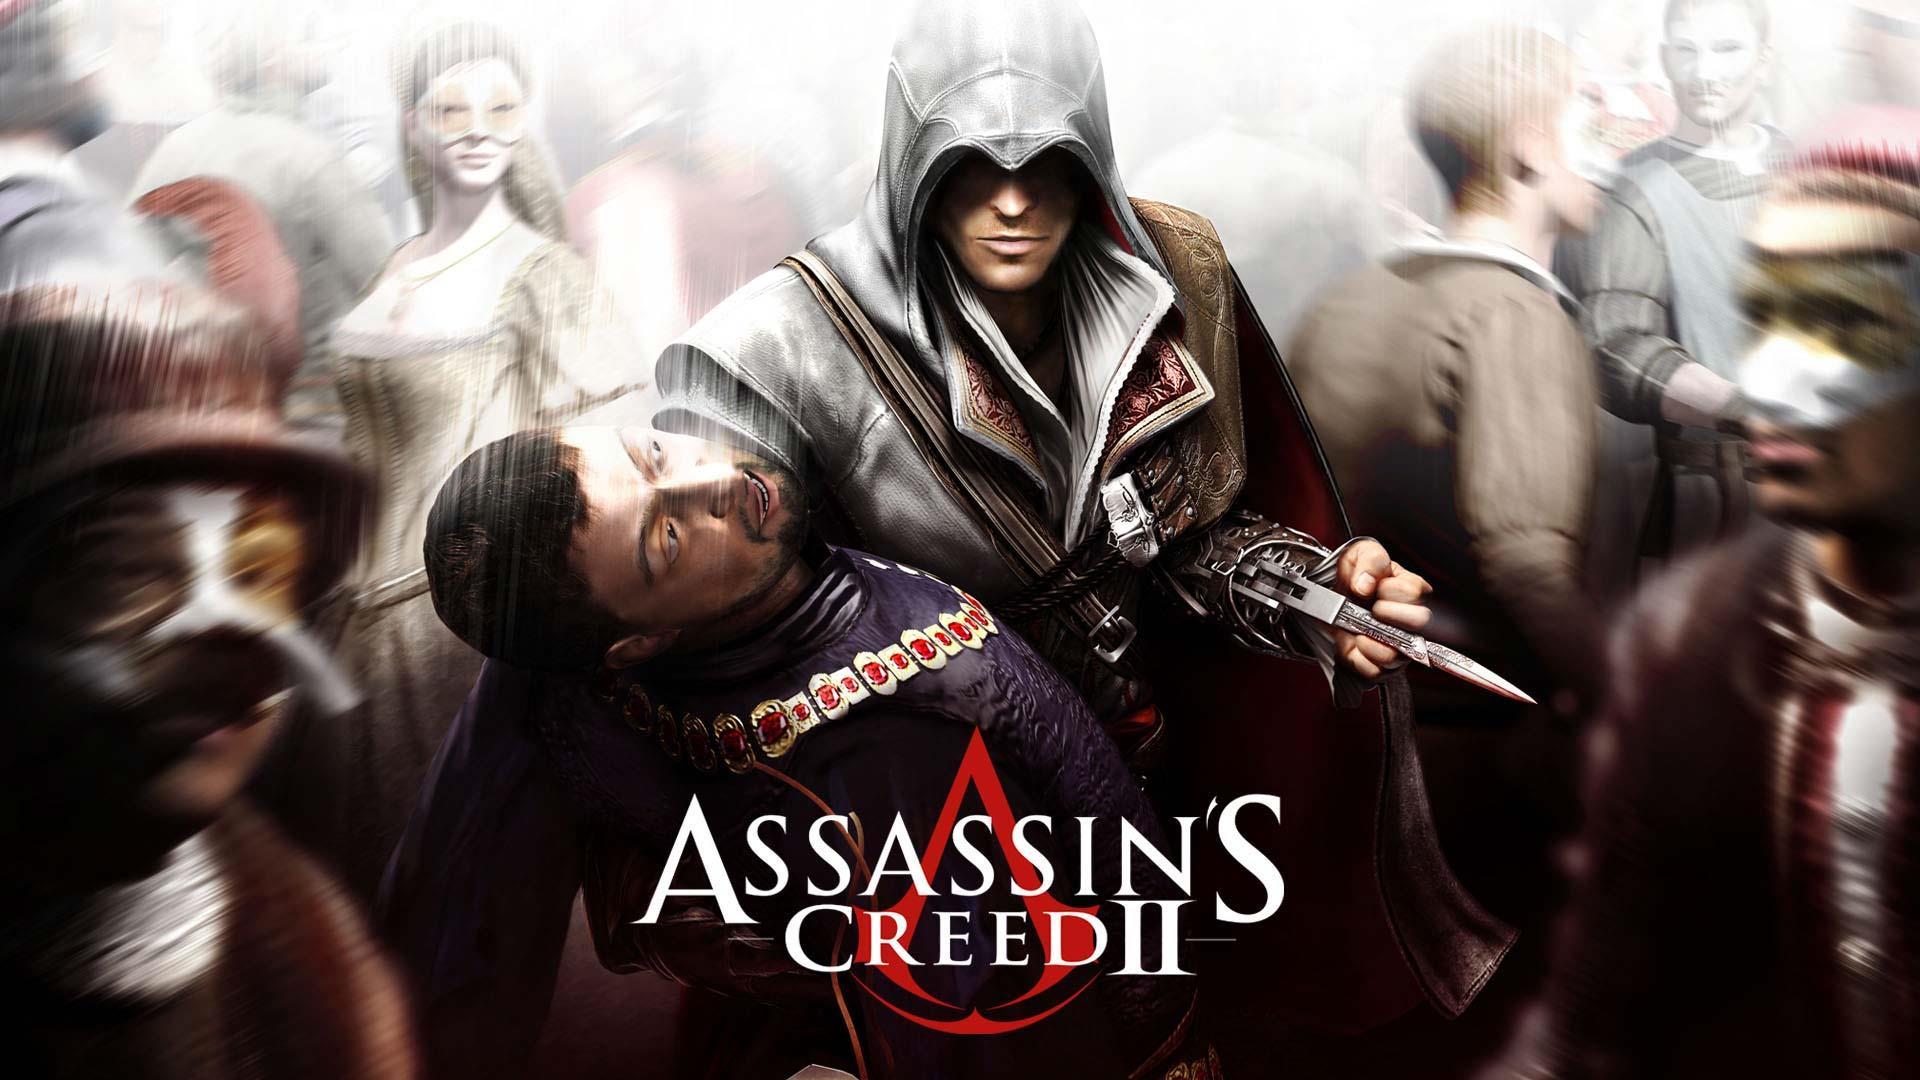 Immagine di Assassin's Creed II con Ezio